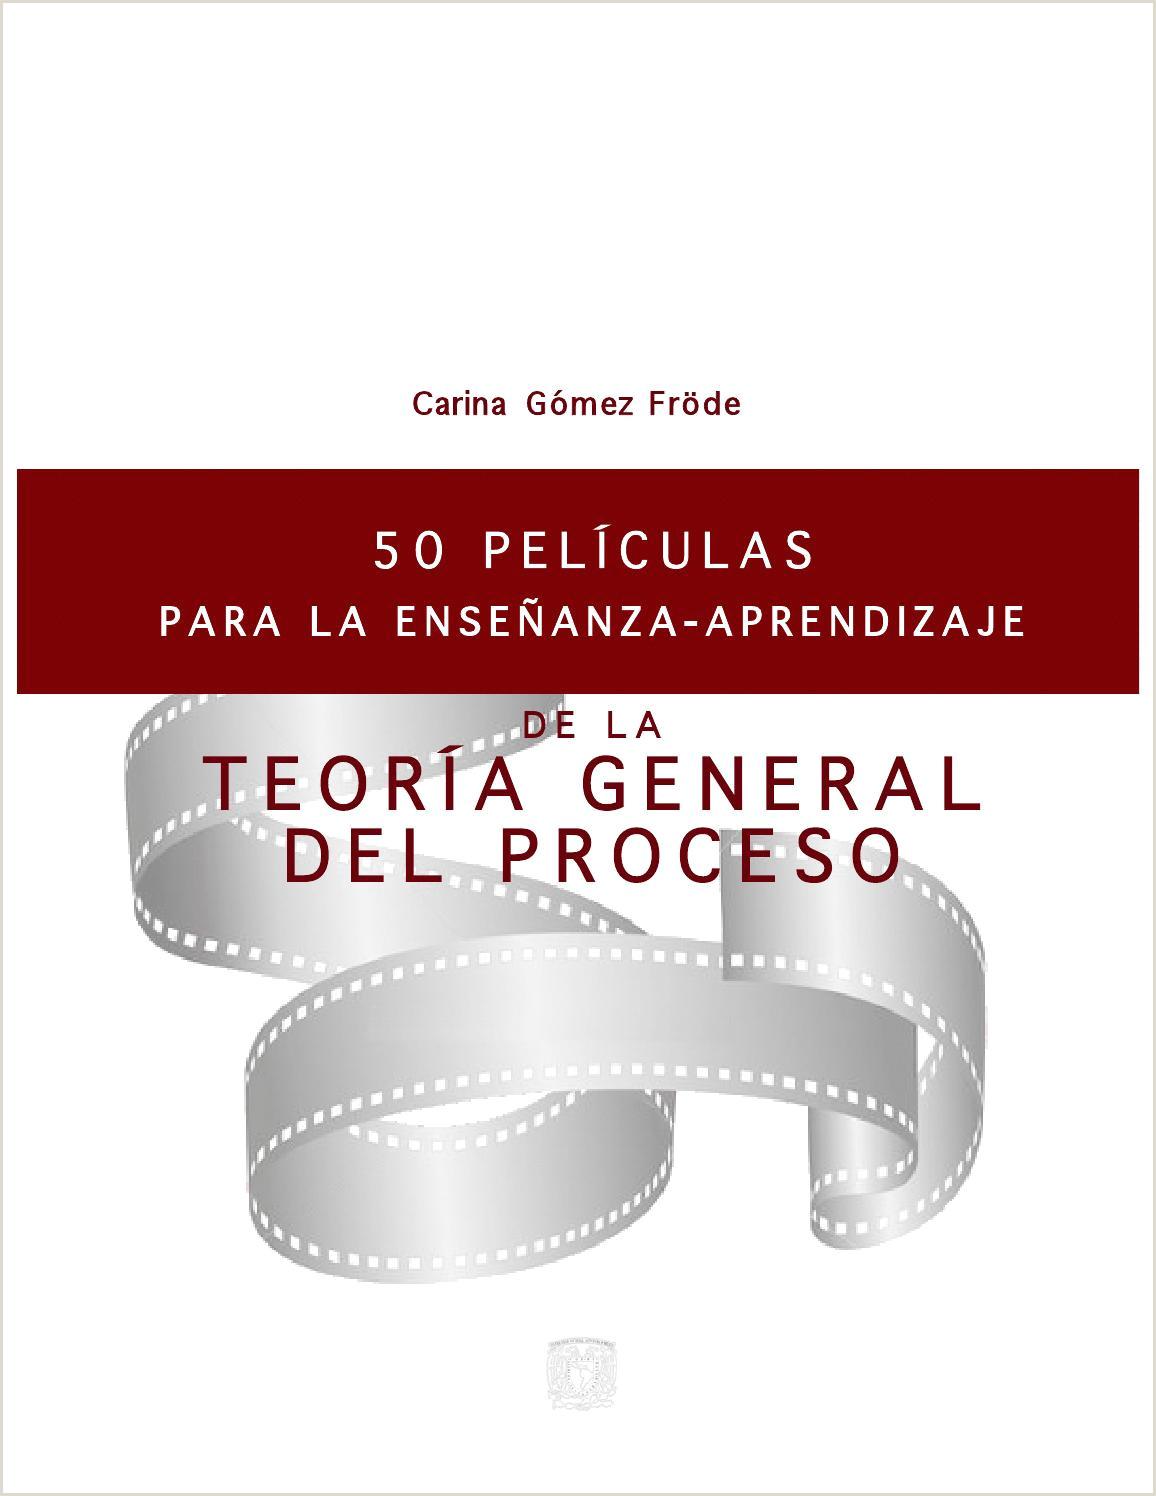 50 pelculas para la ense±anza aprendizaje by Revista Cine